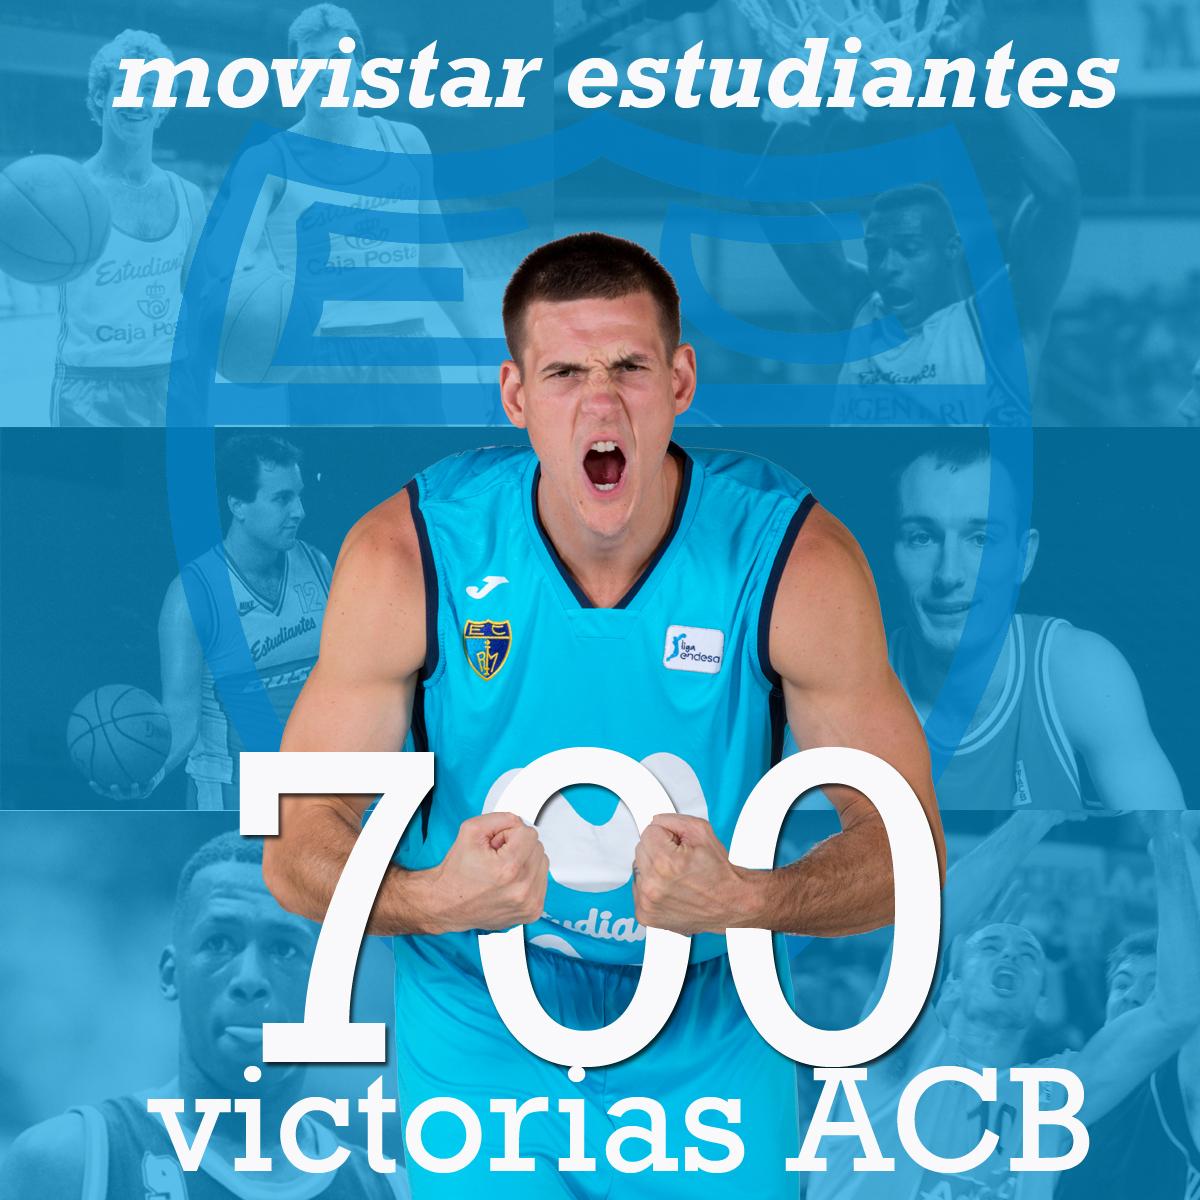 Movistar Estudiantes llega a las 700 victorias ACB